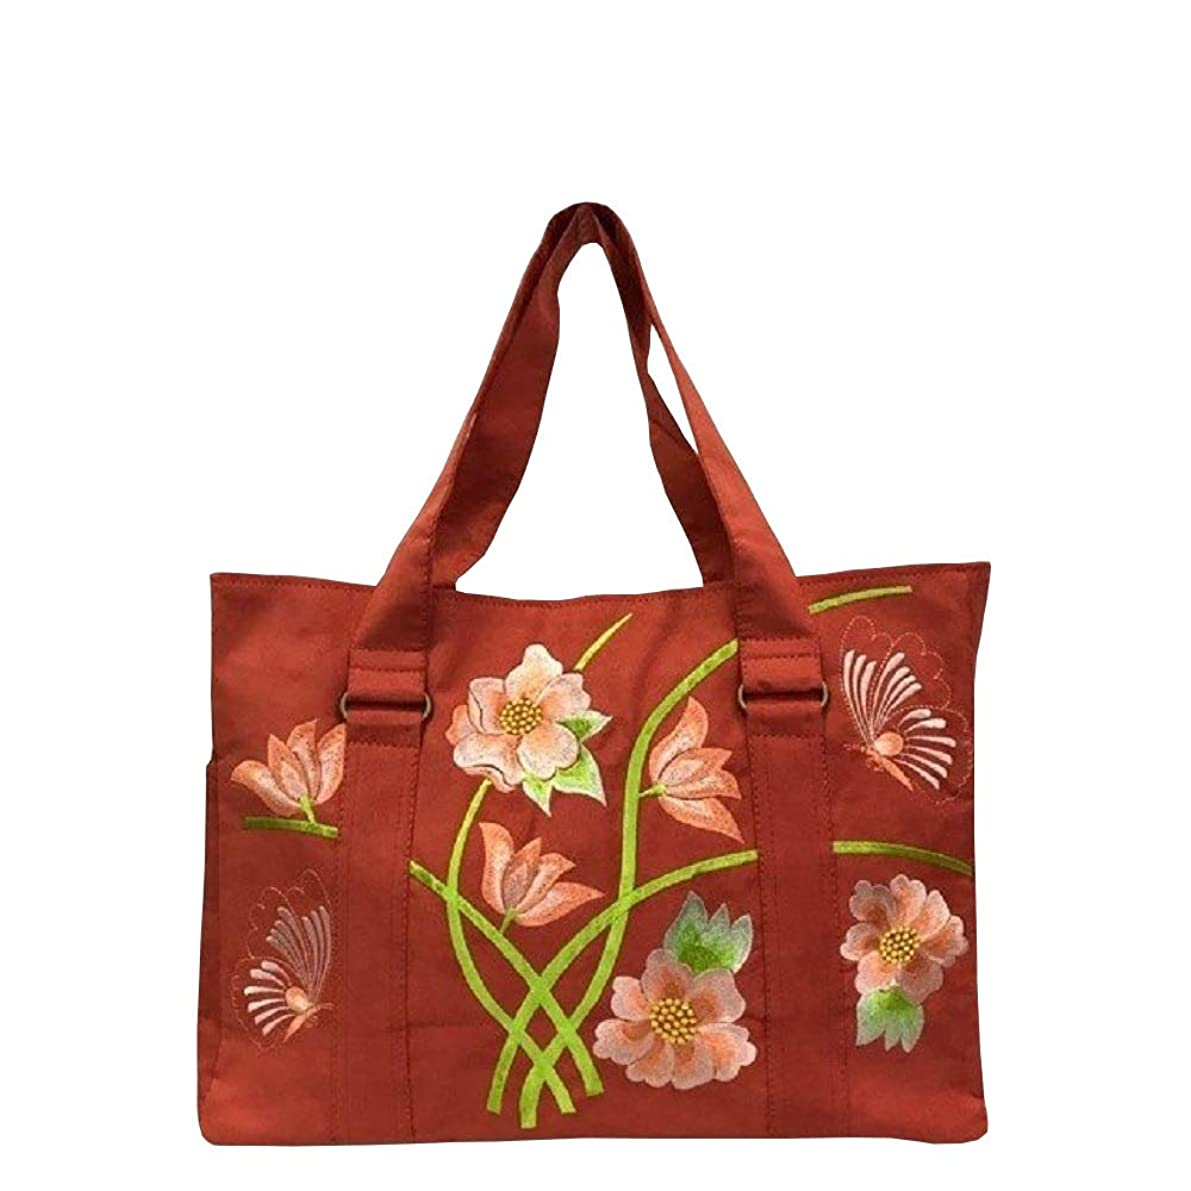 泥棒アセンブリテクトニックベトナムバッグ 刺繍 トートバッグ 肩掛け 鞄 両面刺繍 ベトナム雑貨